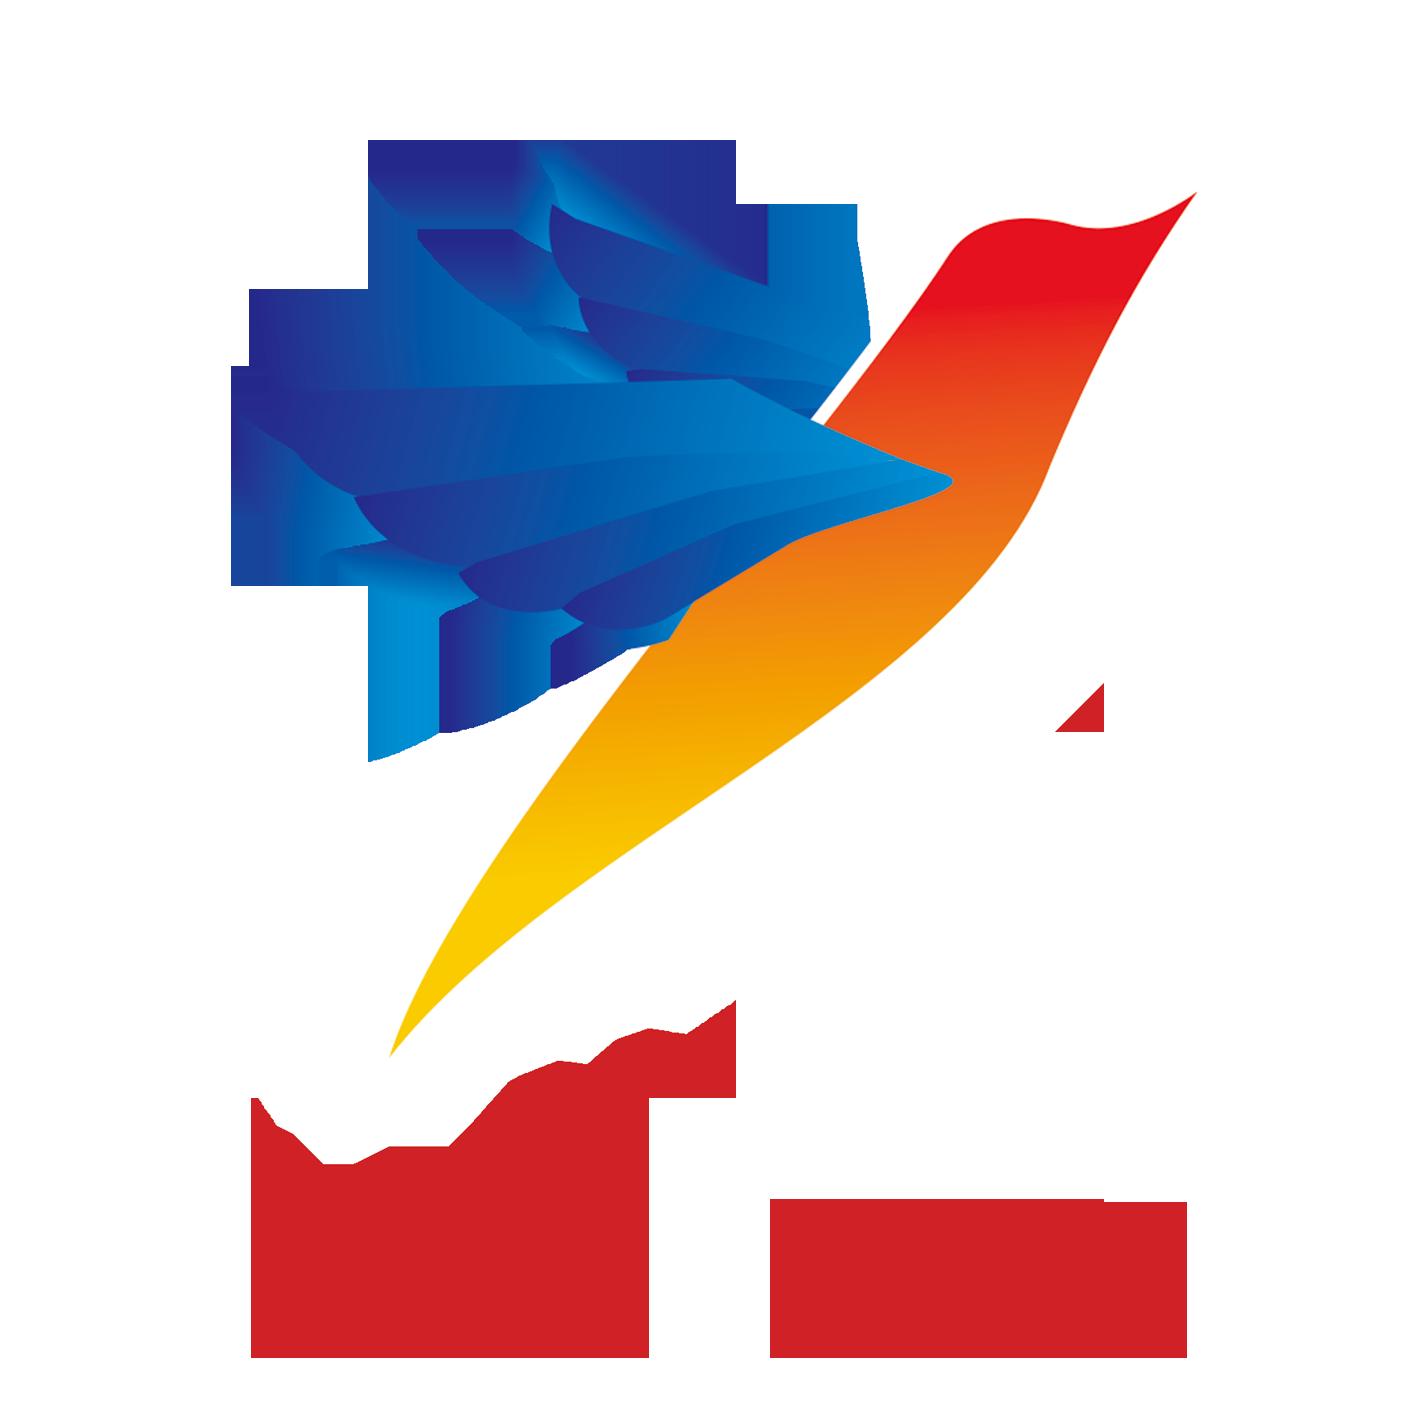 ynqn123